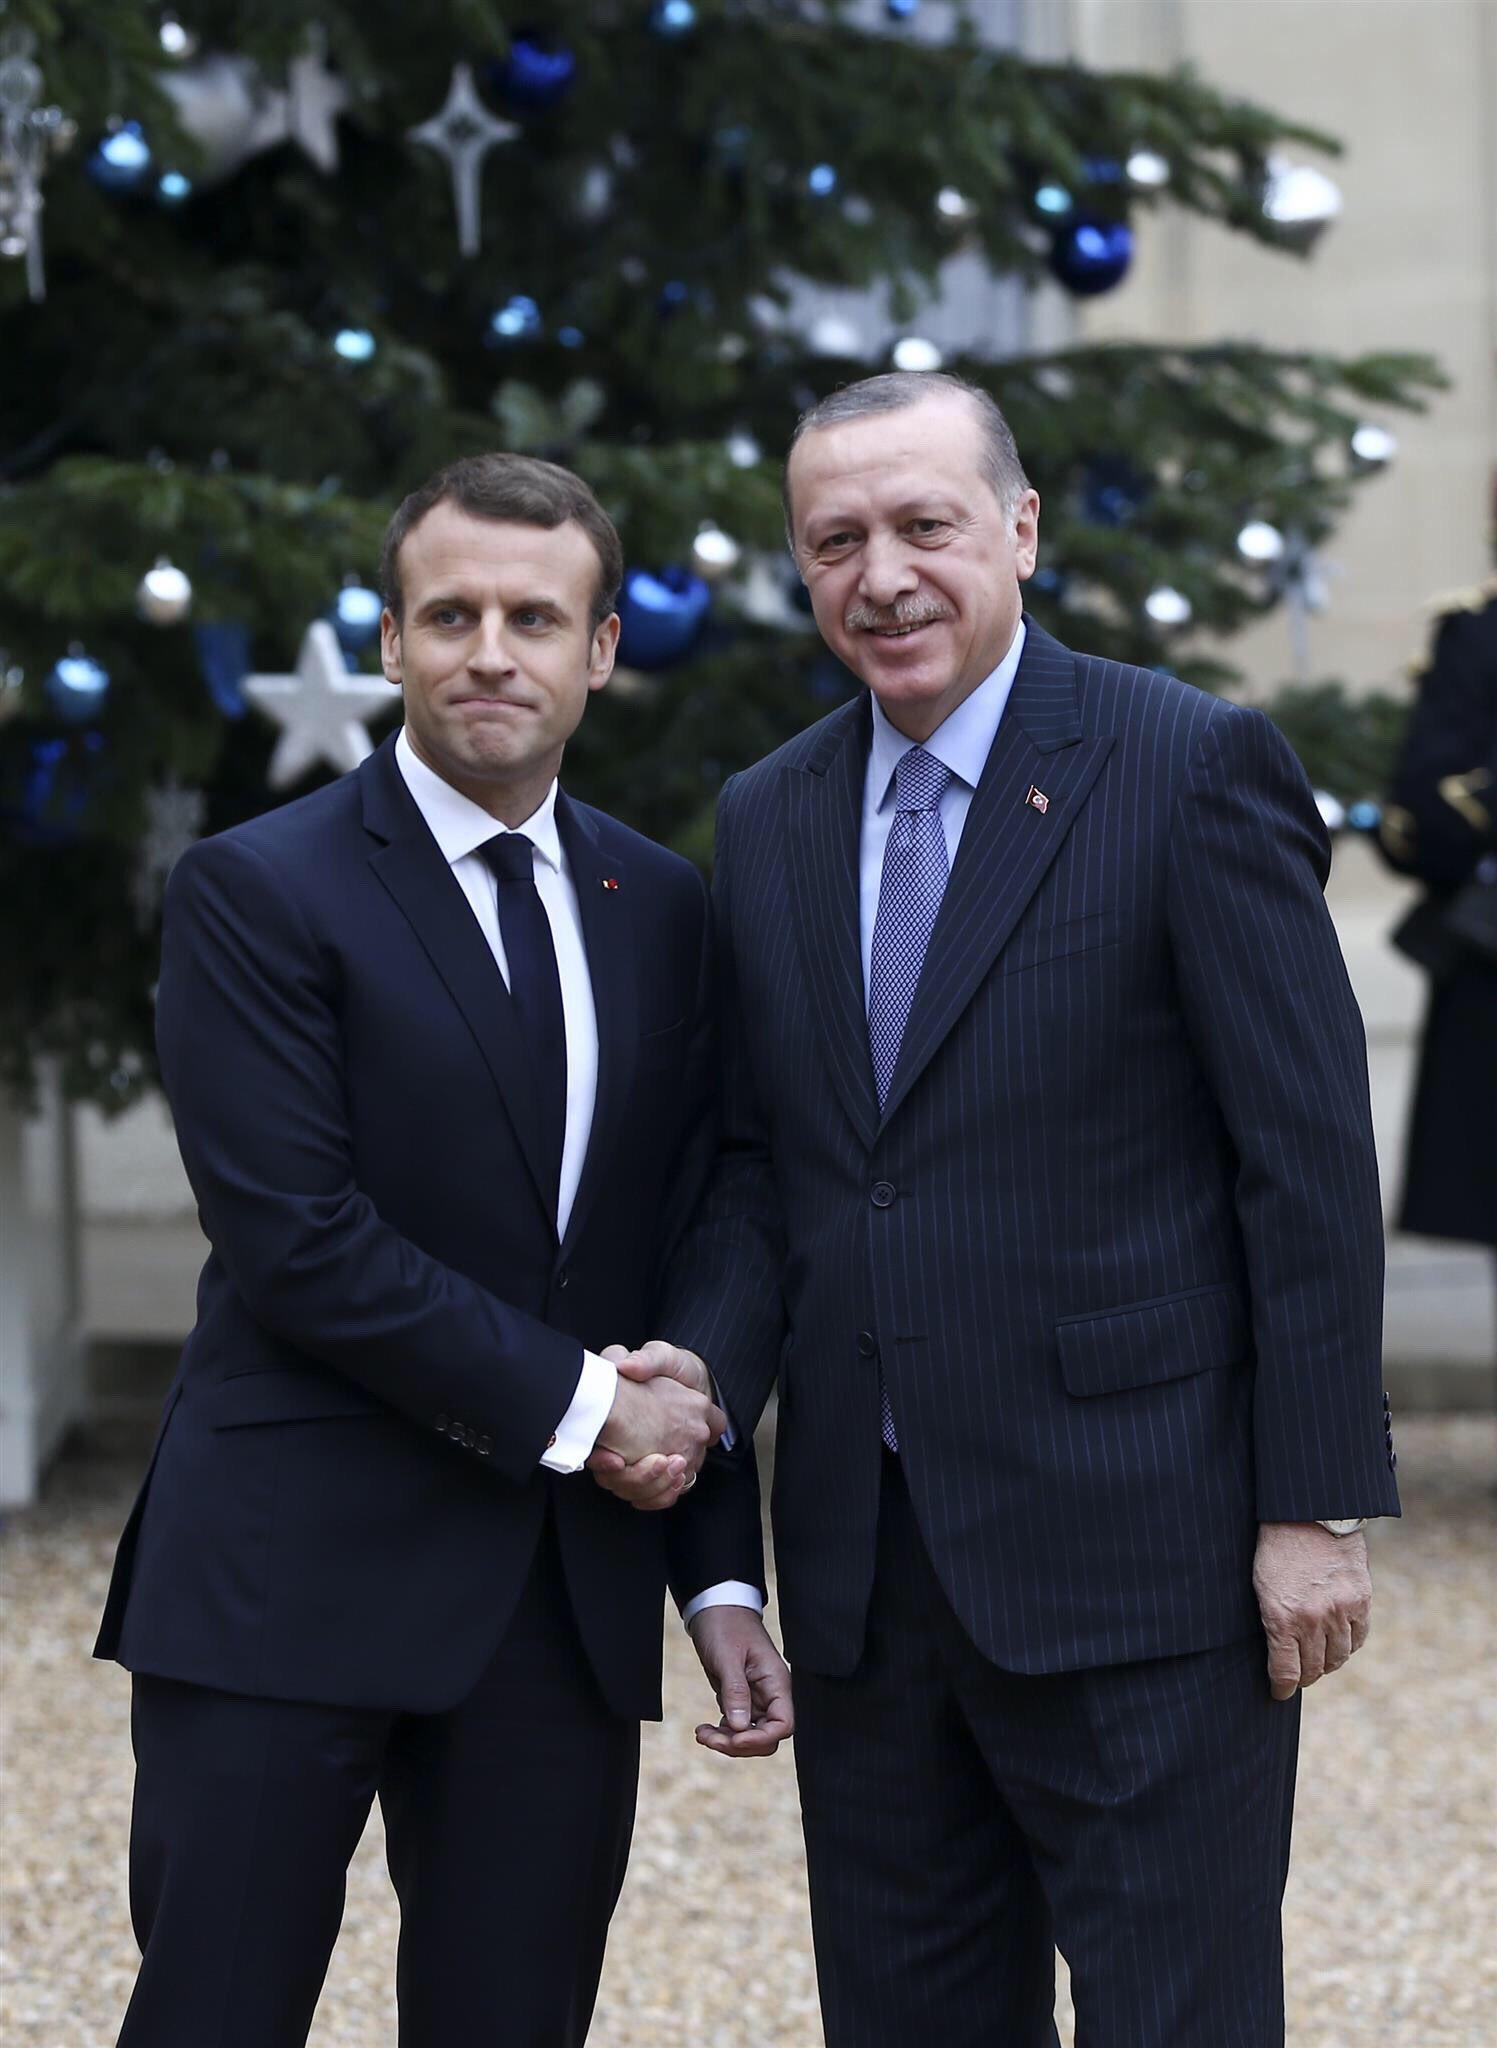 Cumhurbaşkanımız Recep Tayyip Erdoğan, Fransa Cumhurbaşkanı Emmanuel Macron tarafından resmi törenle karşılandı. https://t.co/74oFkxdwPE